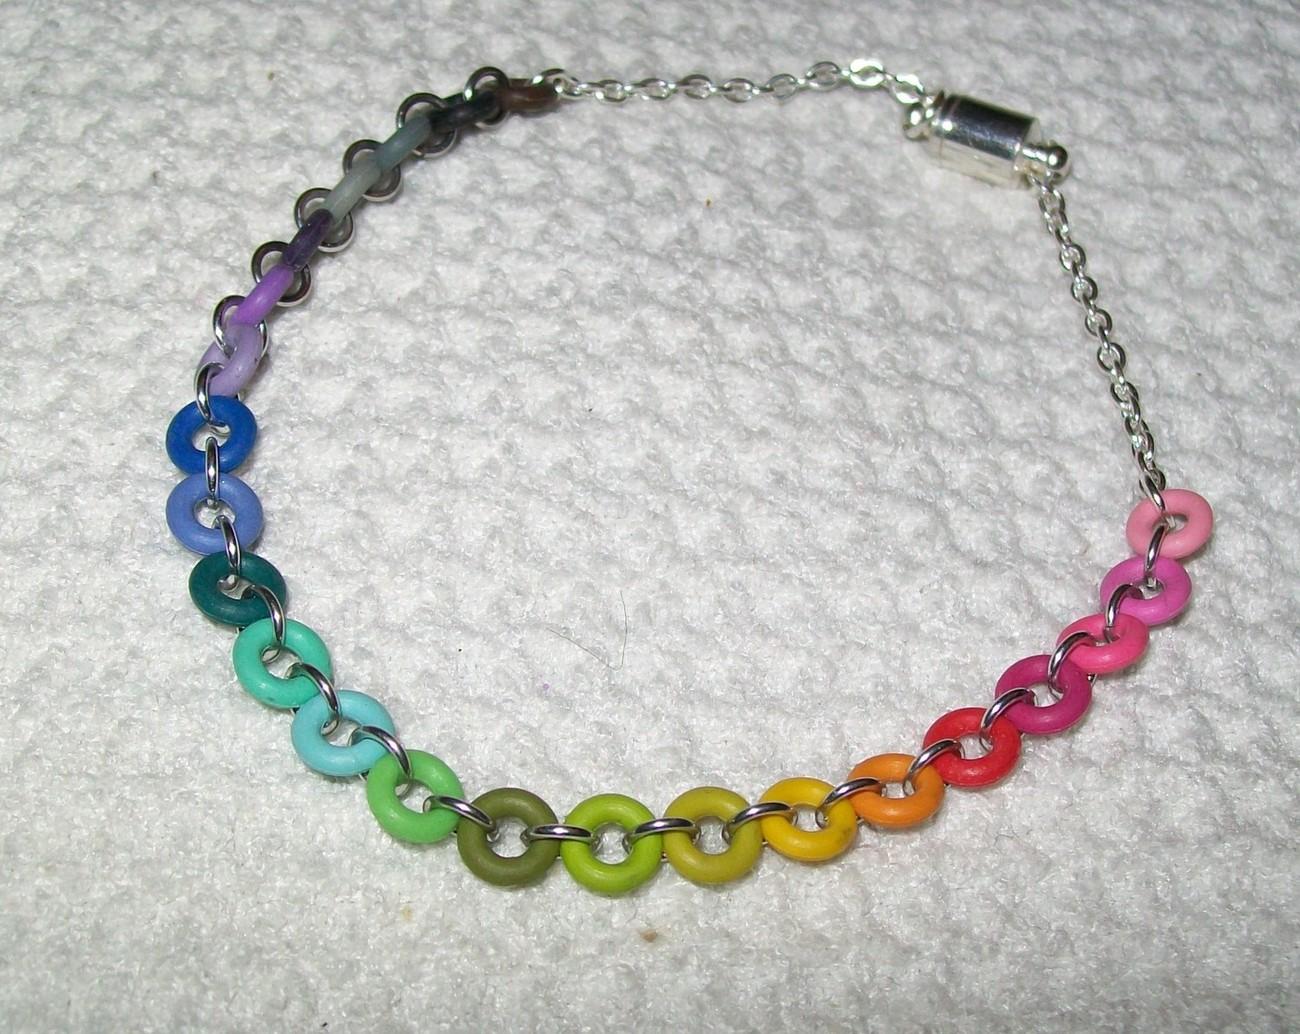 Skittles Chainmaille Bracelet